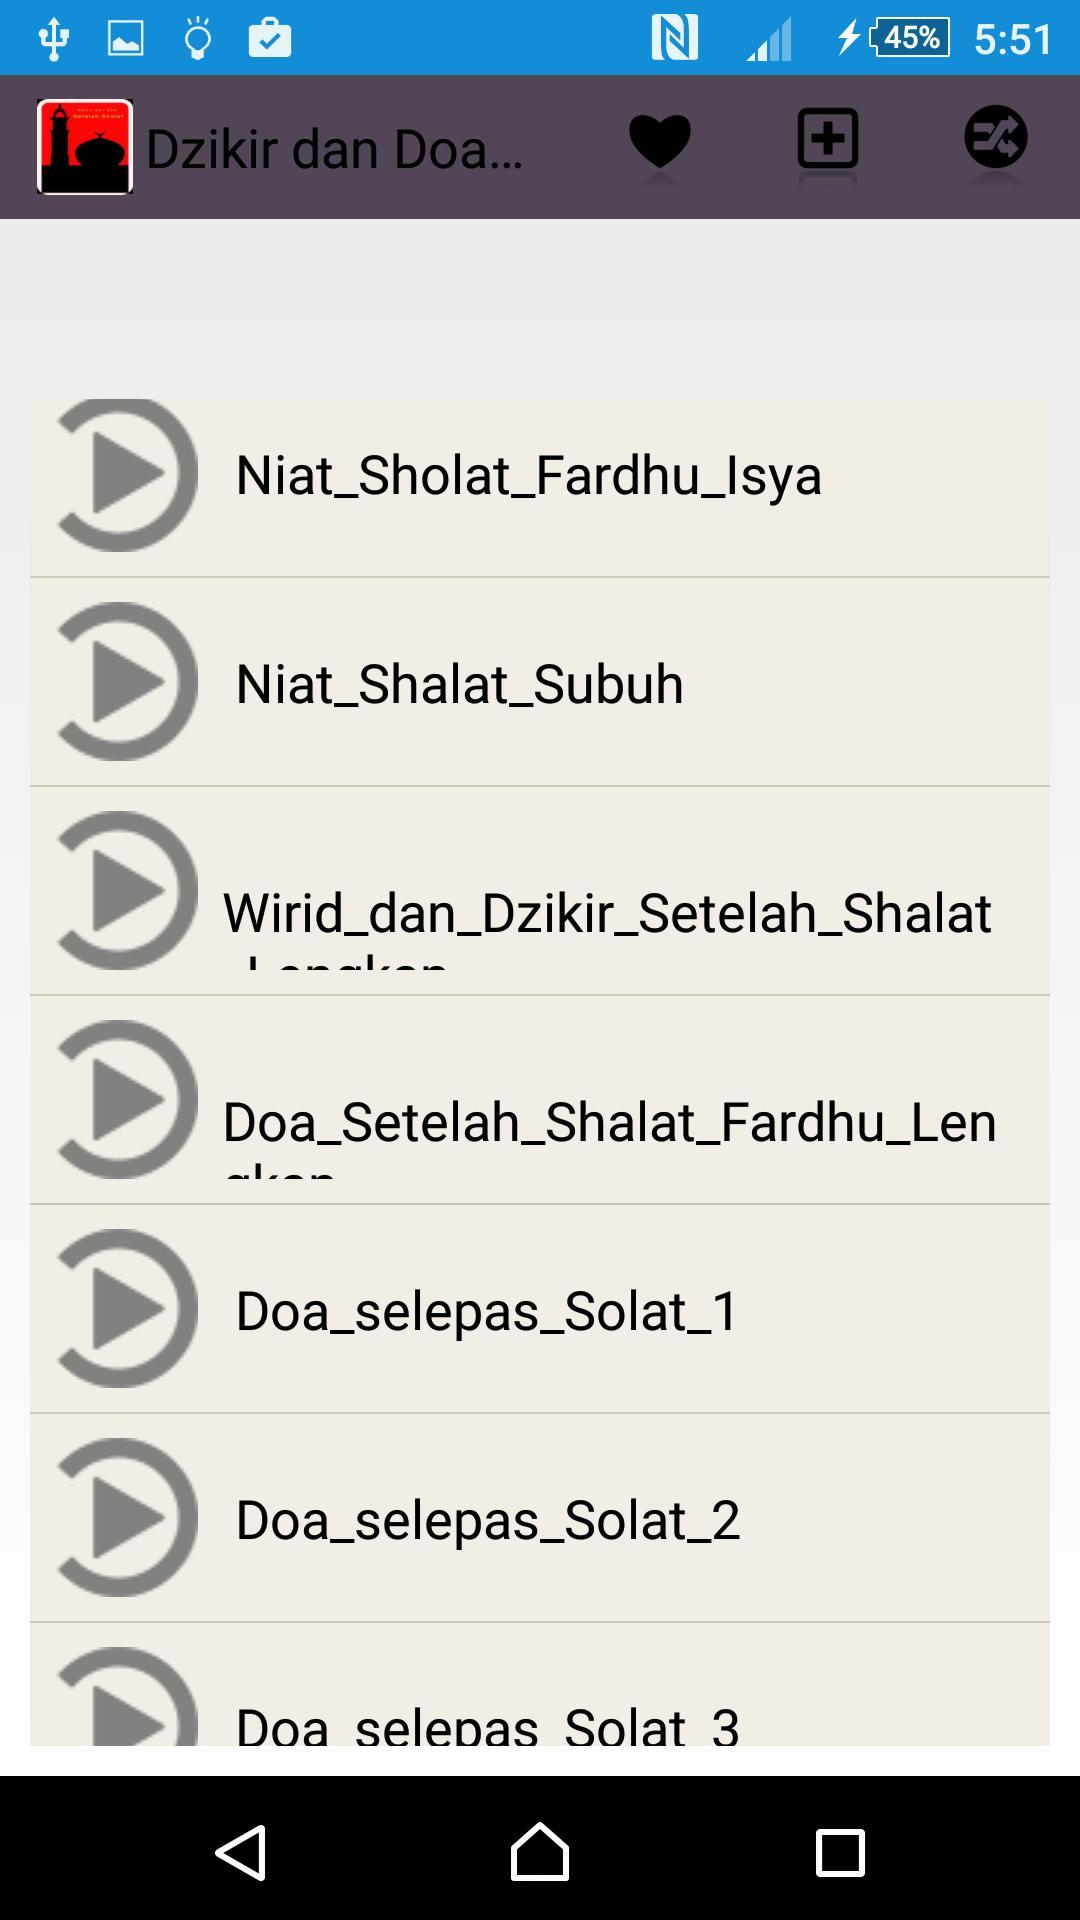 Dzikir Dan Doa Setelah Shalat For Android Apk Download